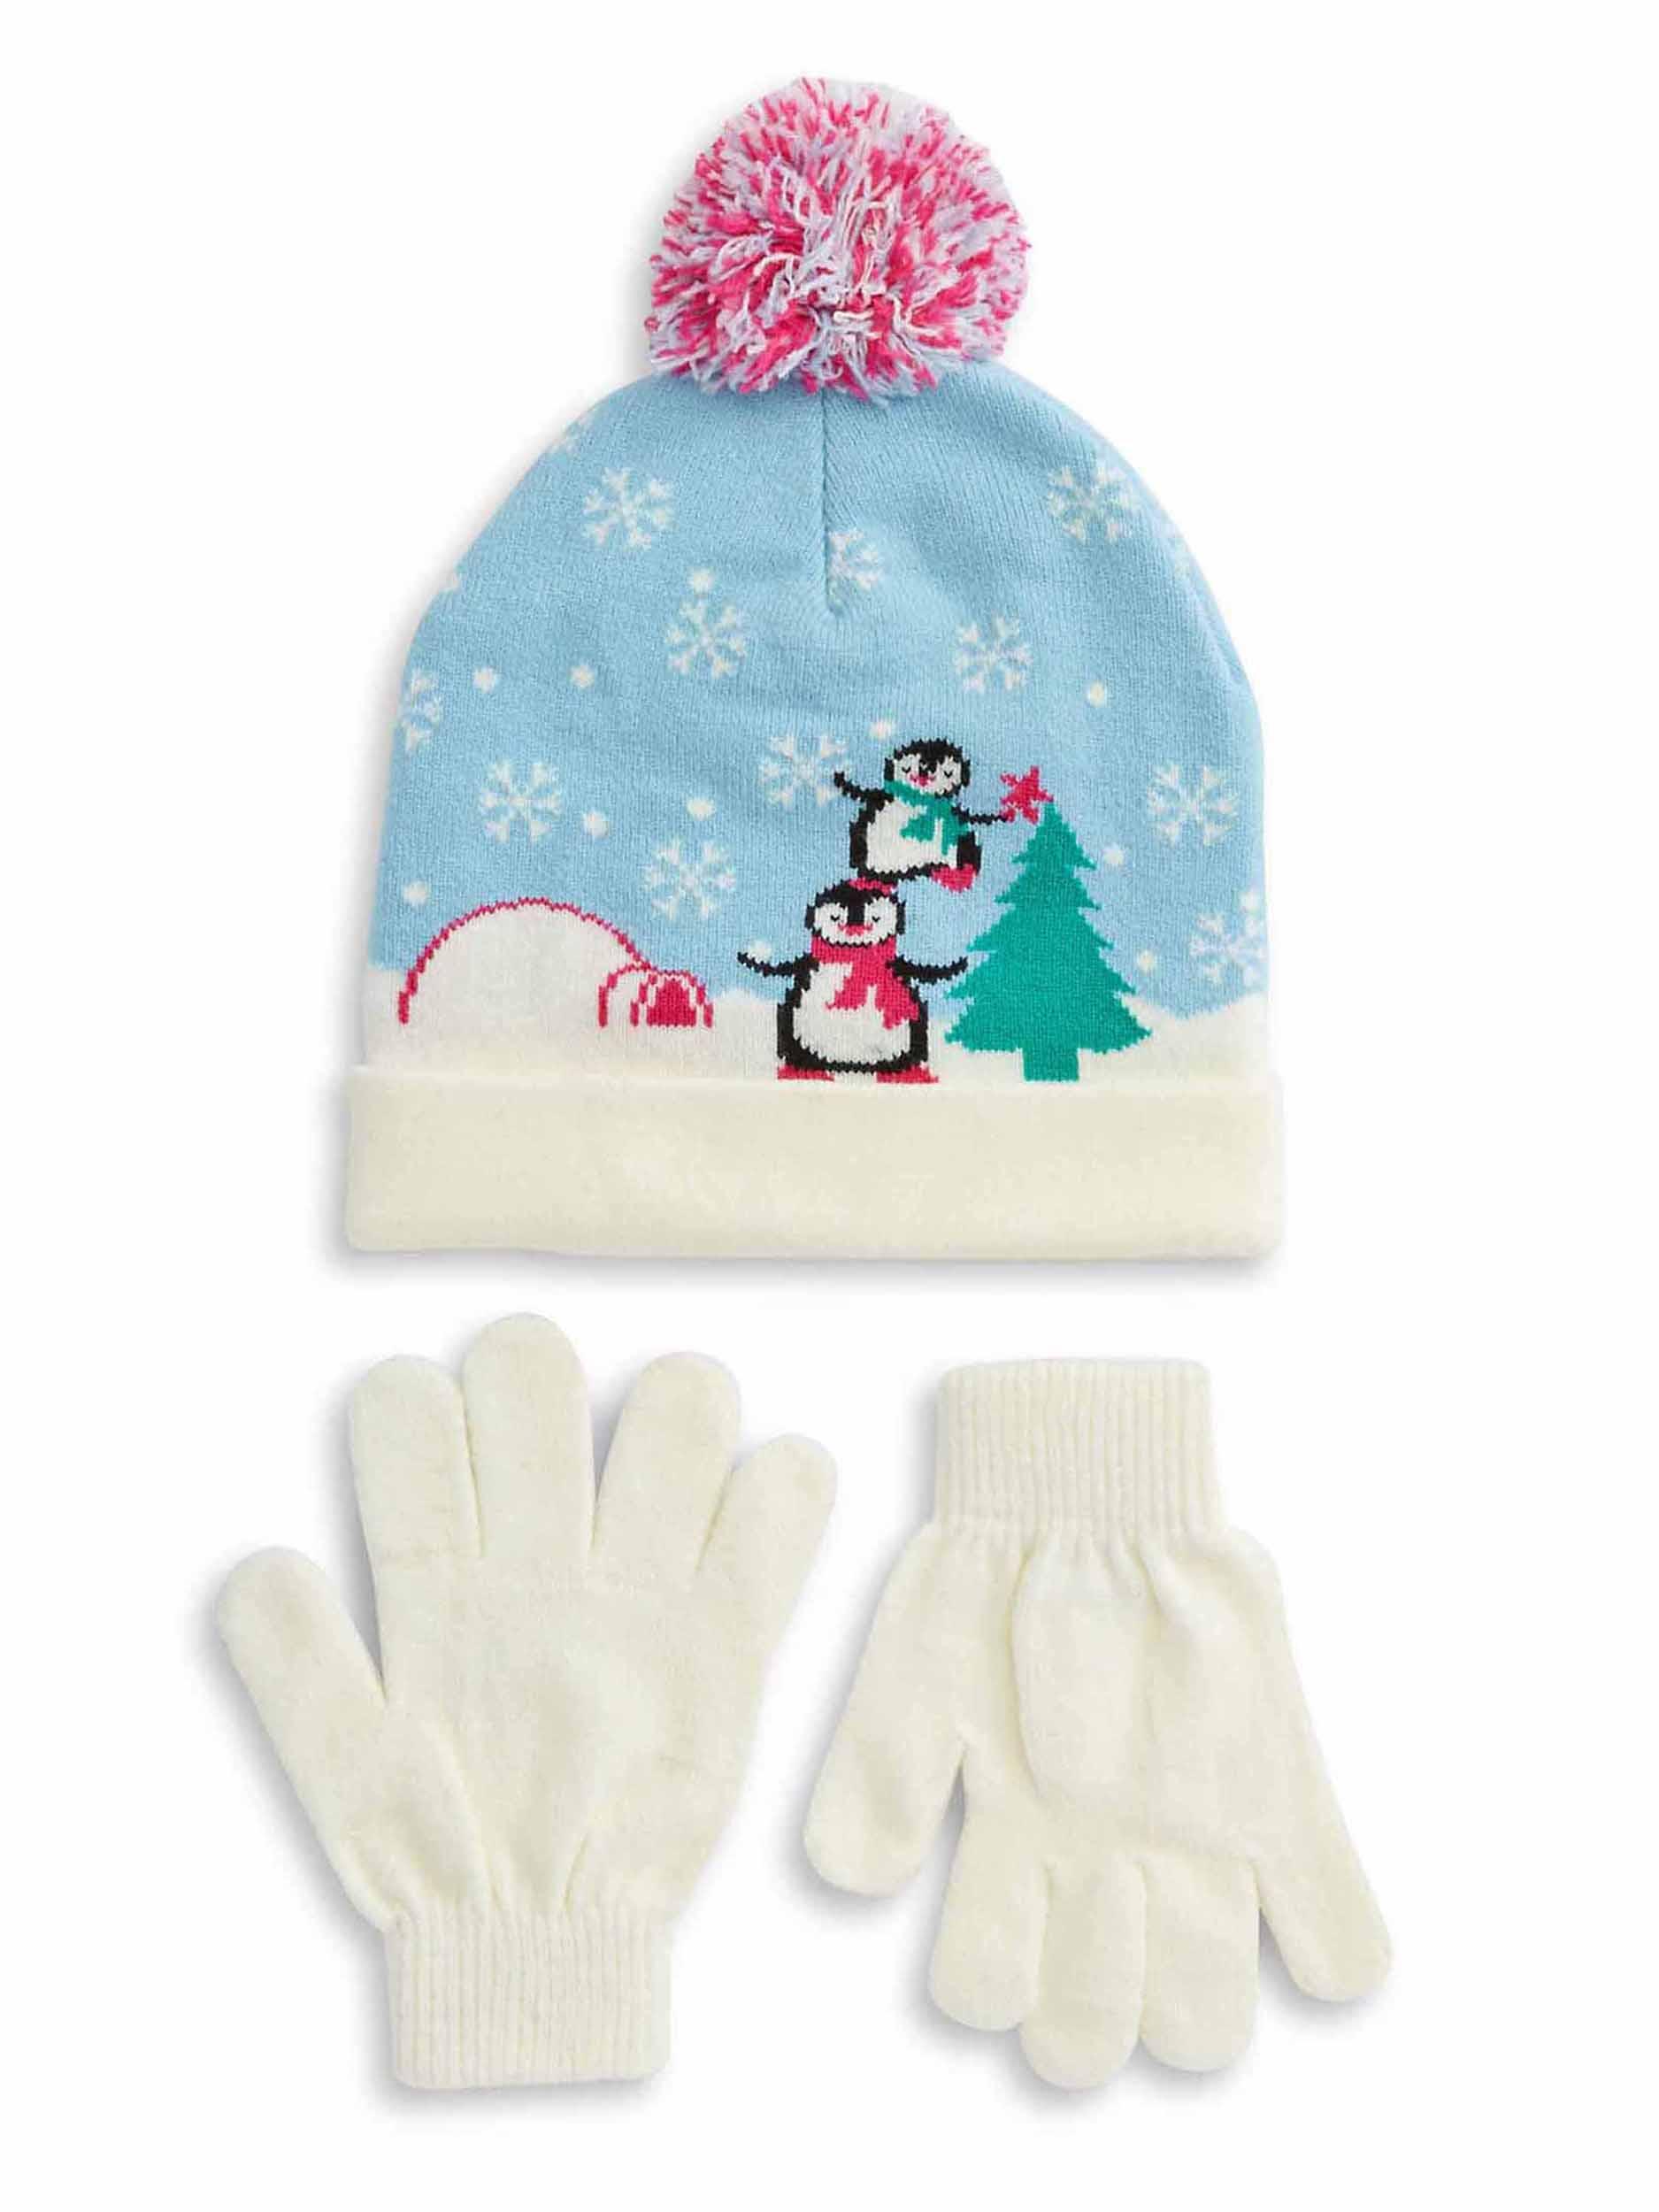 Capelli-New-York-Girls-Winter-Scene-Beanie-Hat-amp-Gloves-Set-Light-Blue